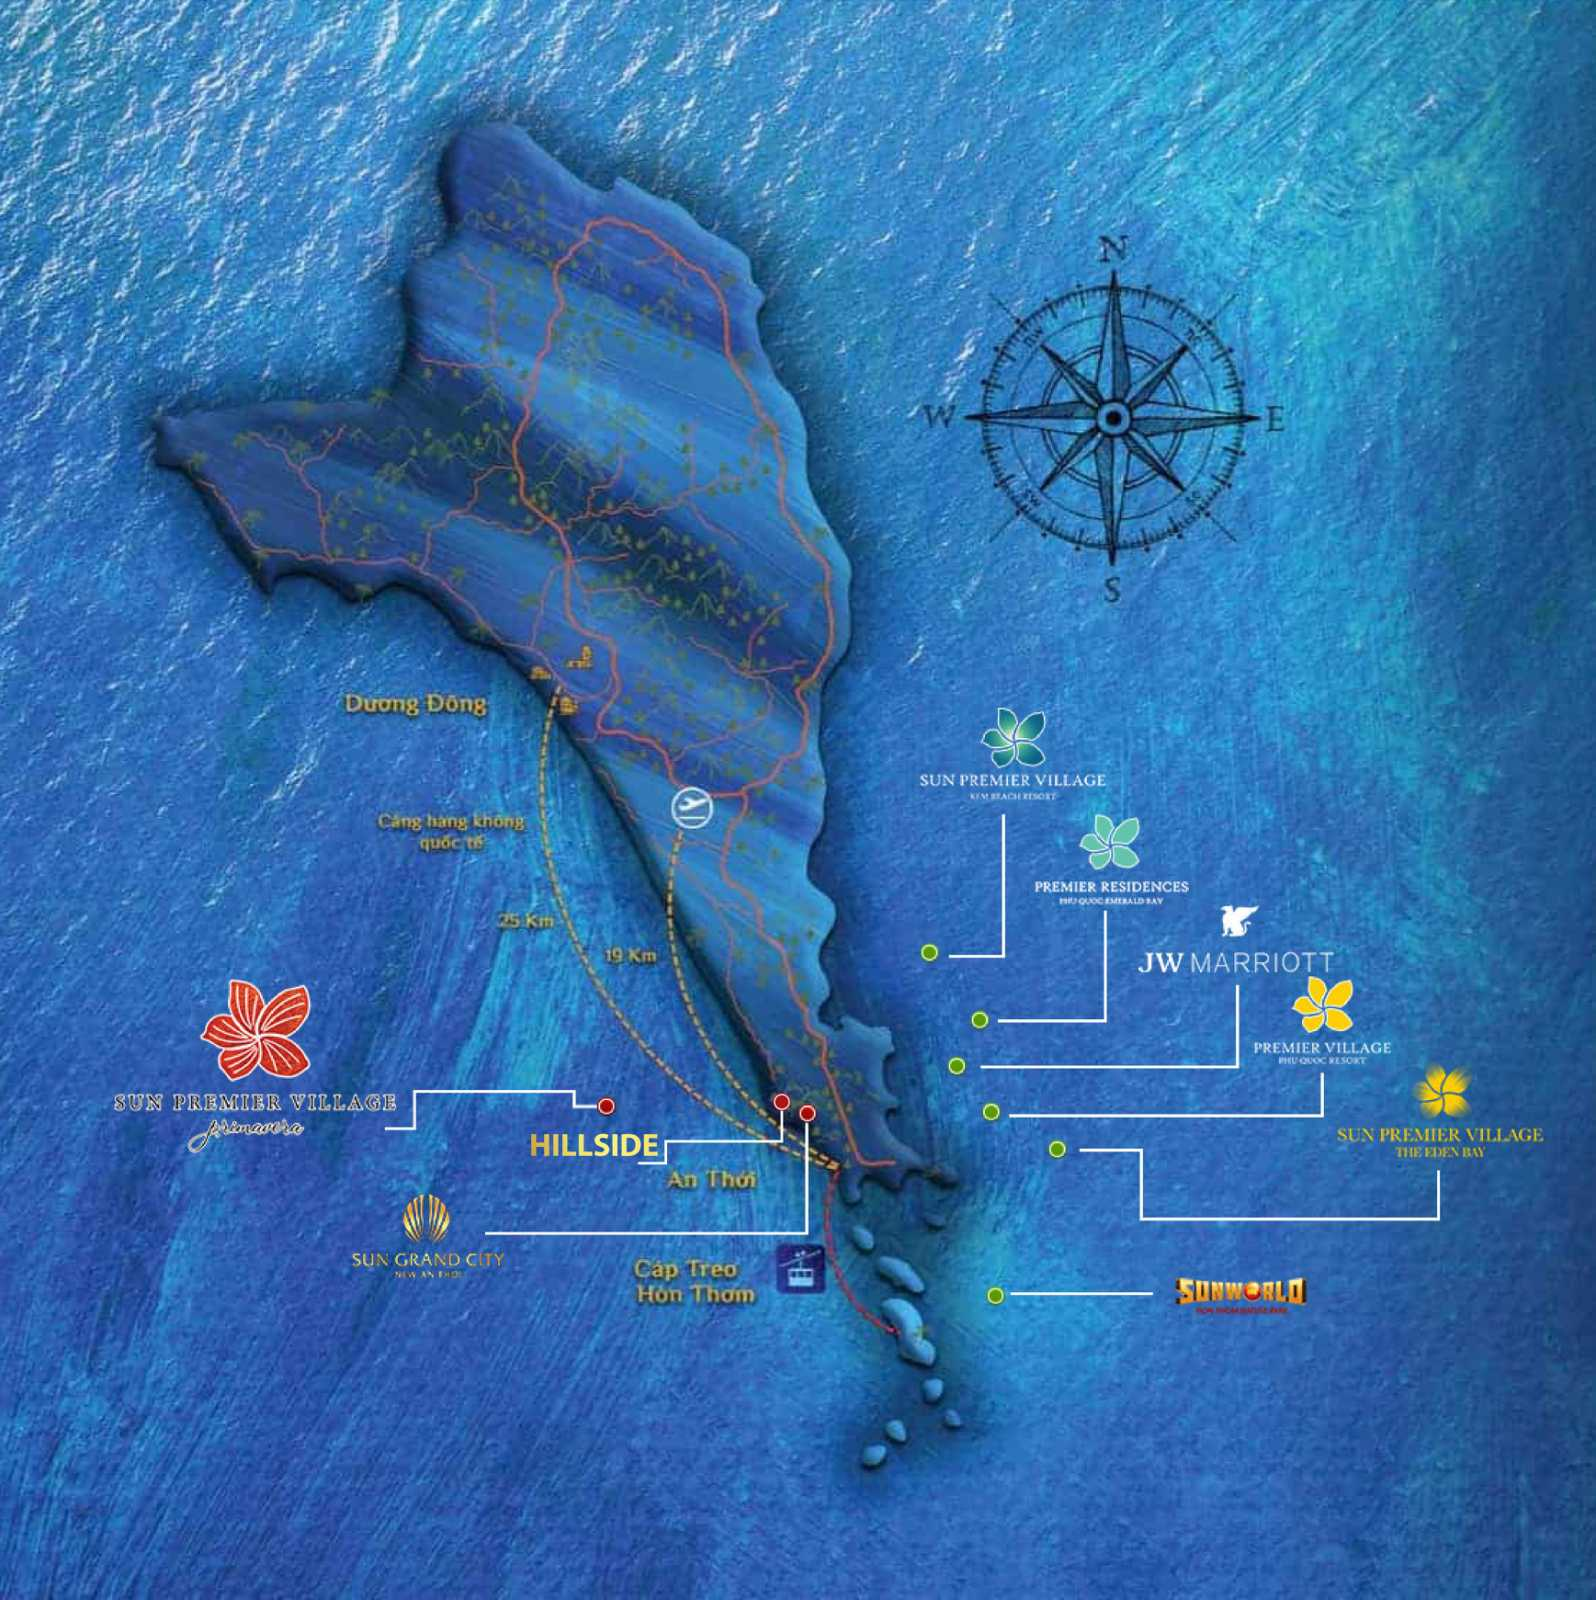 vị trí dự án Hillside Phú Quốc